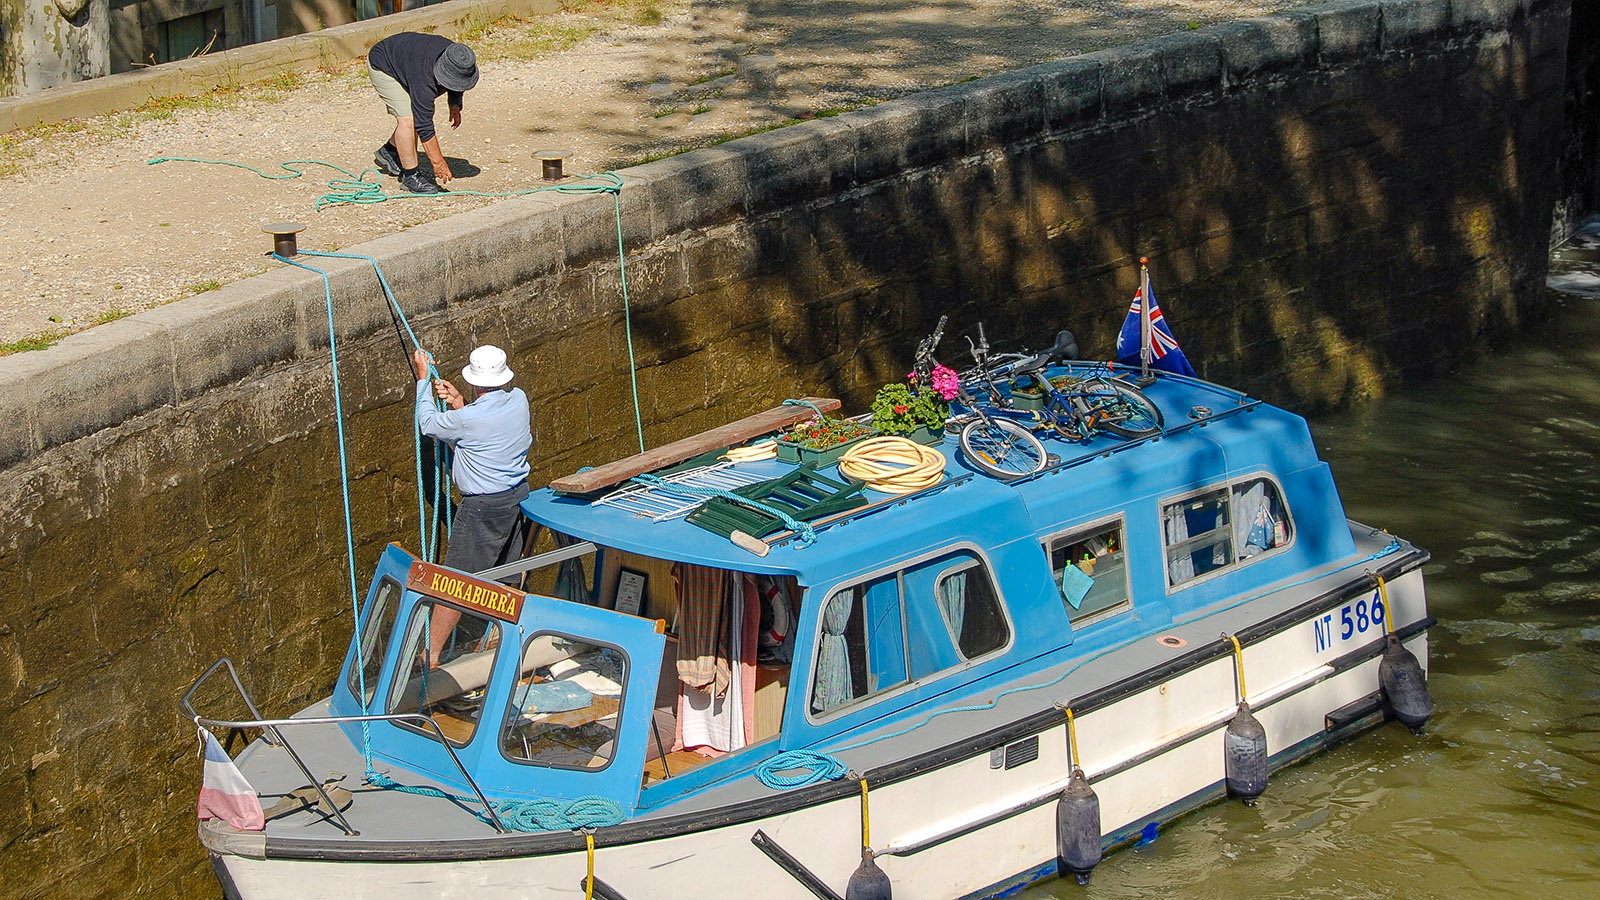 Canal du Midi: Hilfe beim Schleusen wird gerne angenommen –hier bei der Écluse de St-Roch (4 Staustufen). Foto: Hilke Maunder